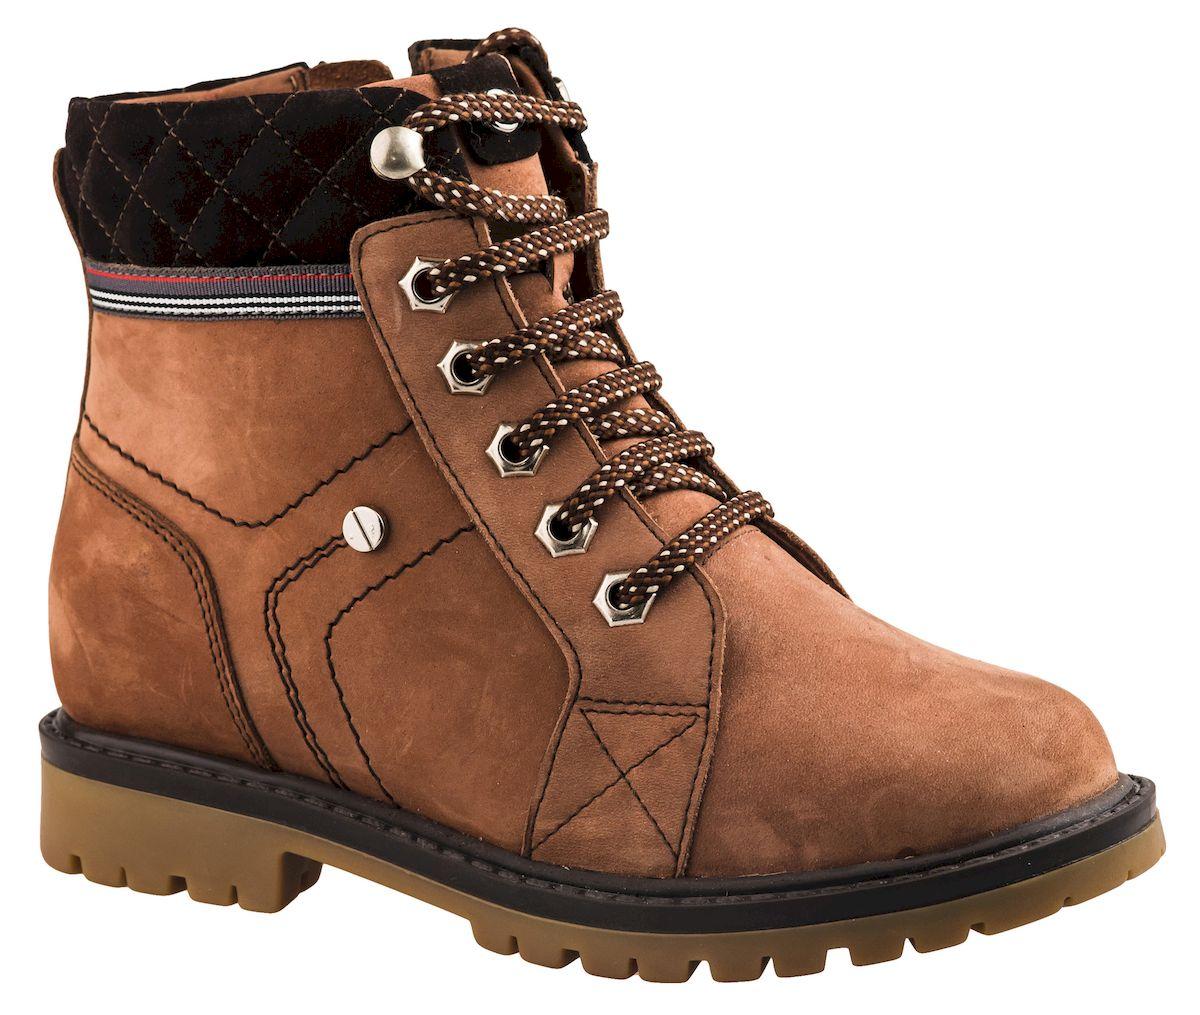 Ботинки для мальчика Elegami, цвет: коричневый, темно-коричневый. 3/4-519631603. Размер 39519631603Модные ботинки для мальчика от Elegami выполнены из натурального нубука. Шнуровка надежно зафиксирует модель на ноге. Боковая застежка-молния позволяет легко снимать и надевать модель. Подкладка из шерсти и стелька из текстиля и шерсти не дадут ногам замерзнуть. Подошва и каблук дополнены рифлением.